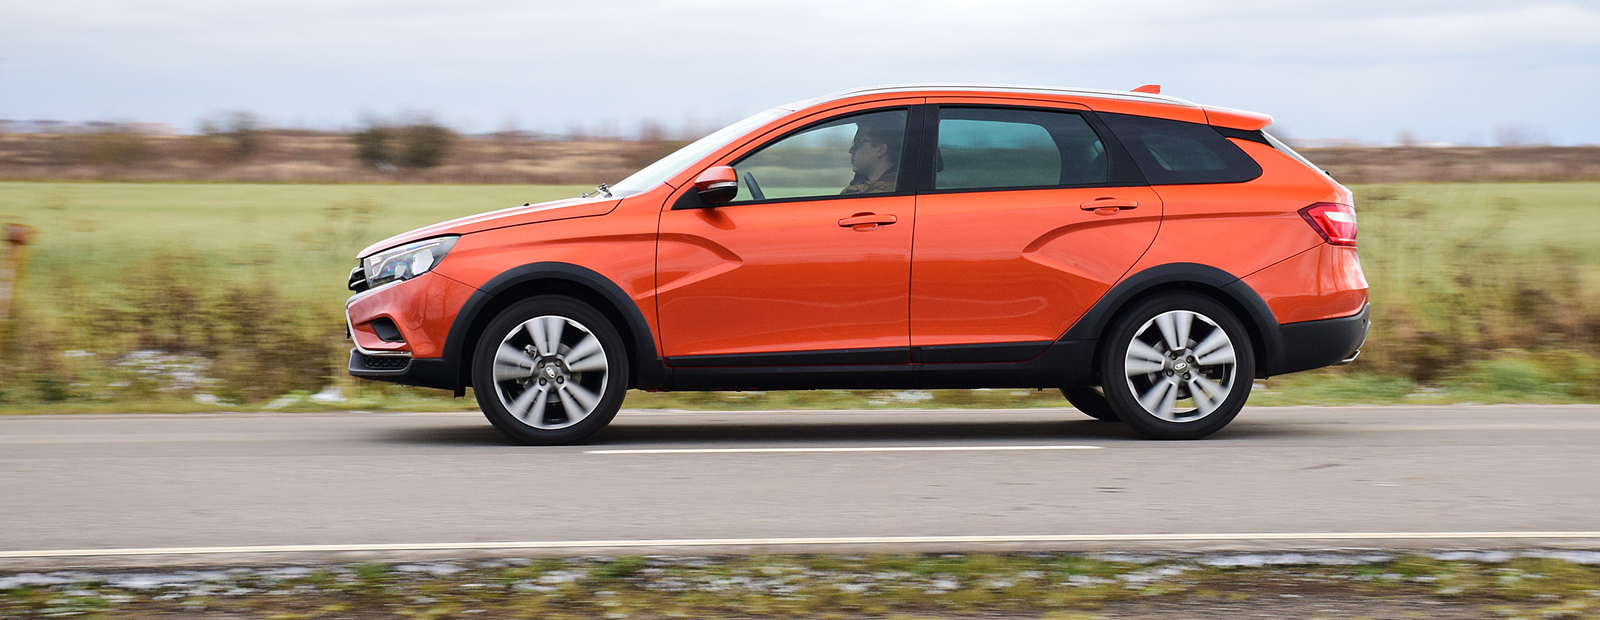 """Тест-драйв Lada Vesta SW Cross: ответы на вопросы про самый внедорожный """"вагон"""""""